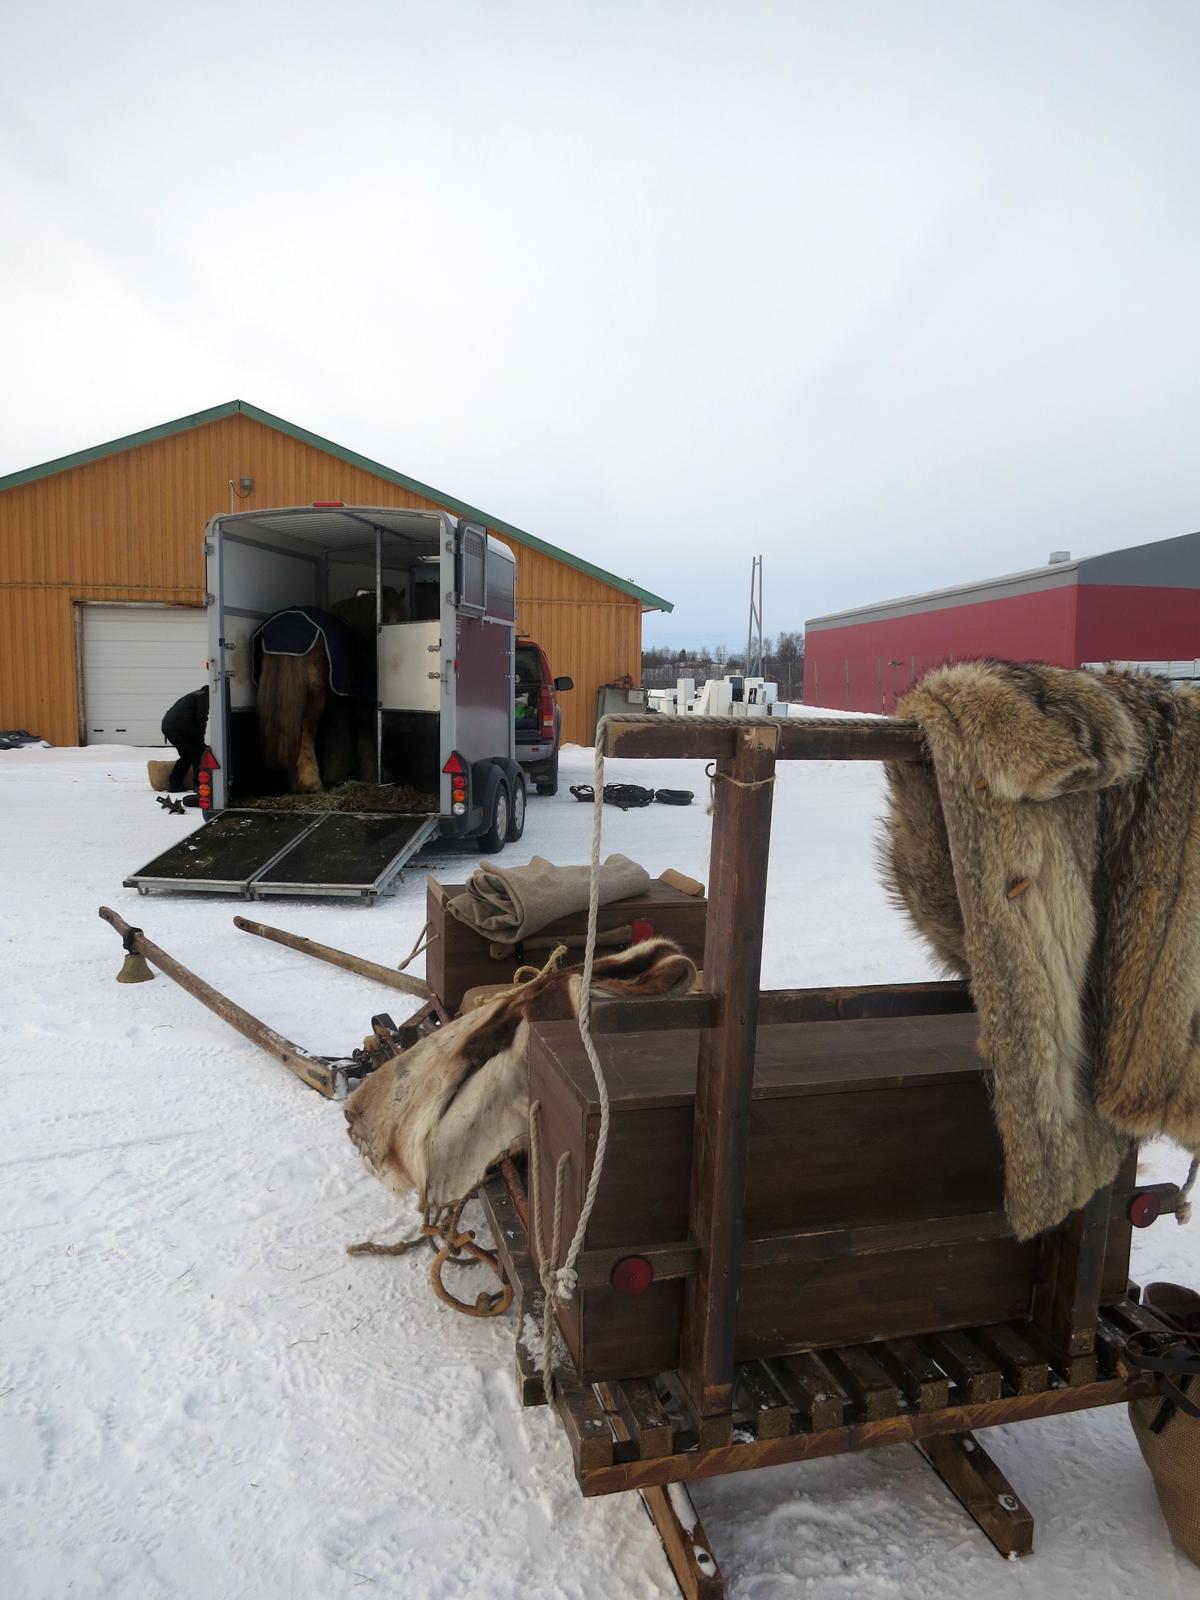 De færreste har tid til 10 nye dager på tur og 30 mil, så derfor tar vi hesten på bilen hjem. Foto: Karine Bogsti